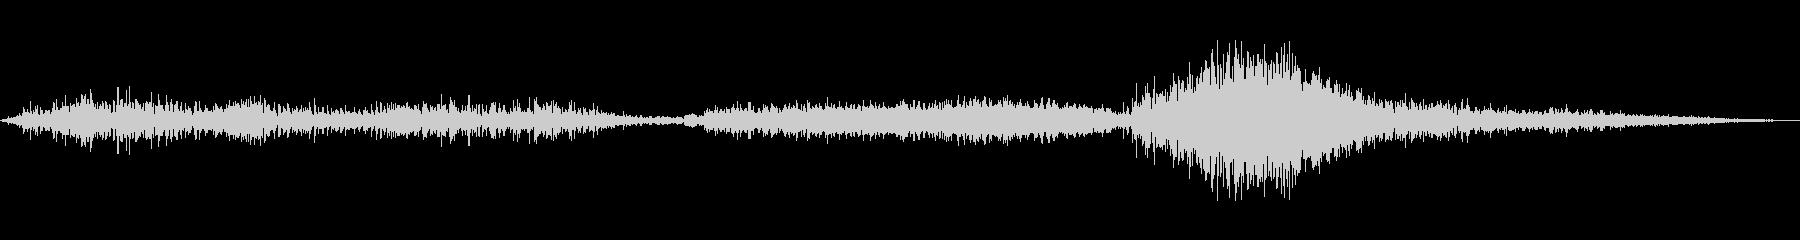 SKULLASOROUS:鳴き声と...の未再生の波形